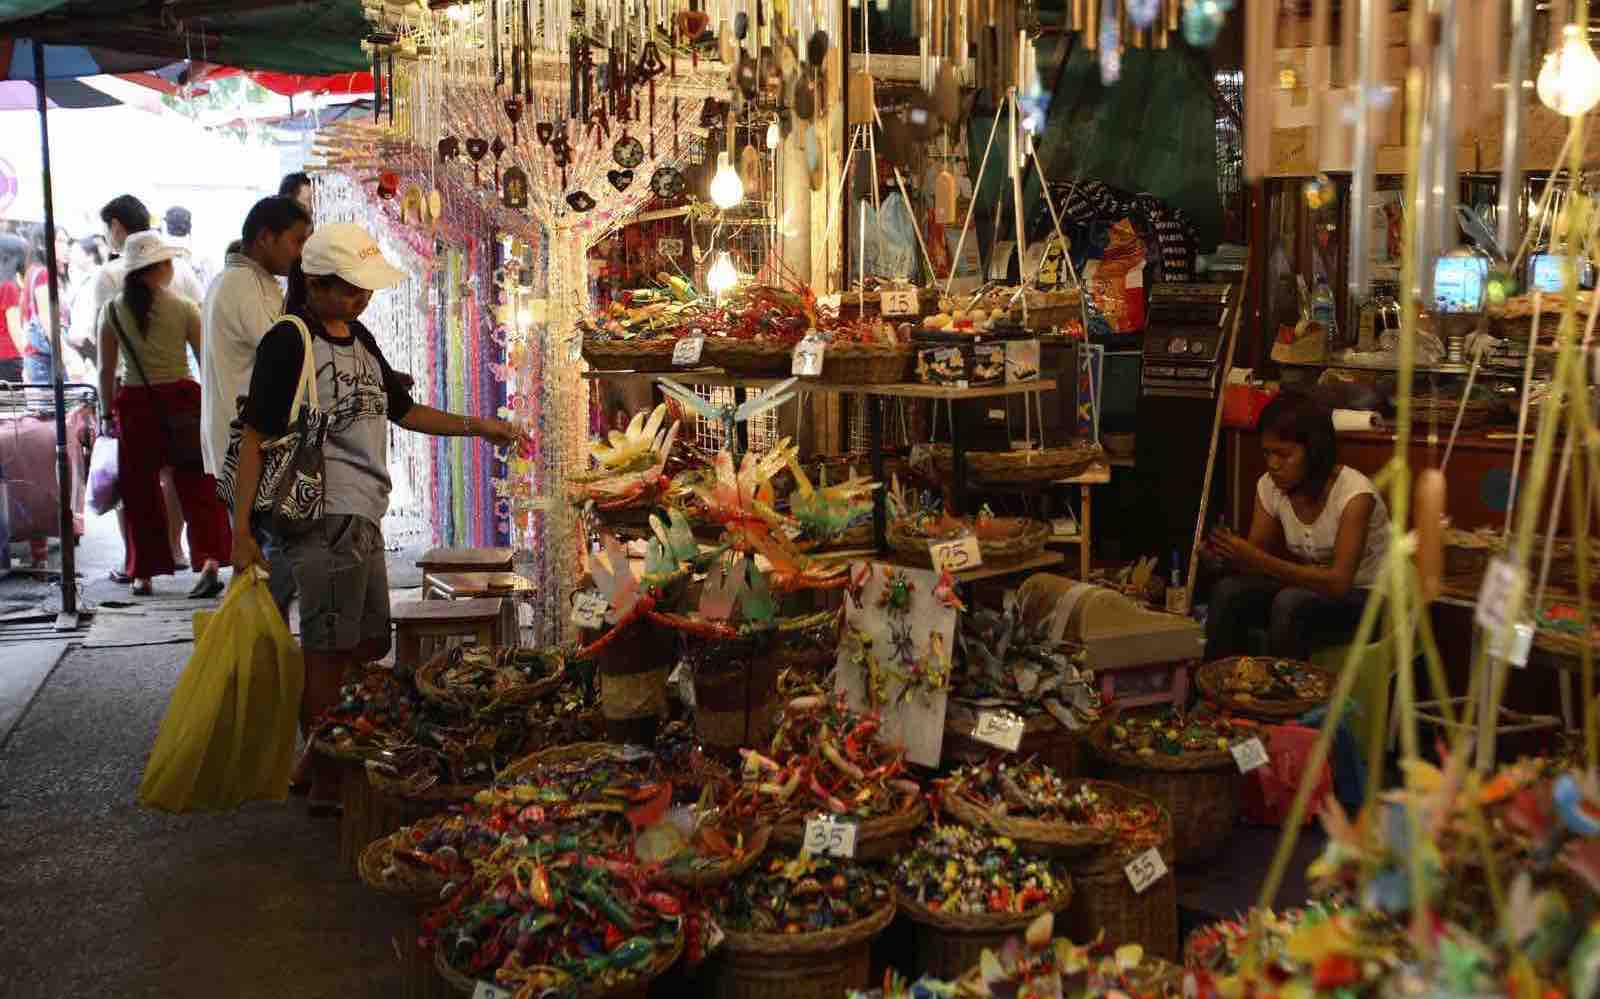 Markeder forteller hvordan folk lever i Bangkok